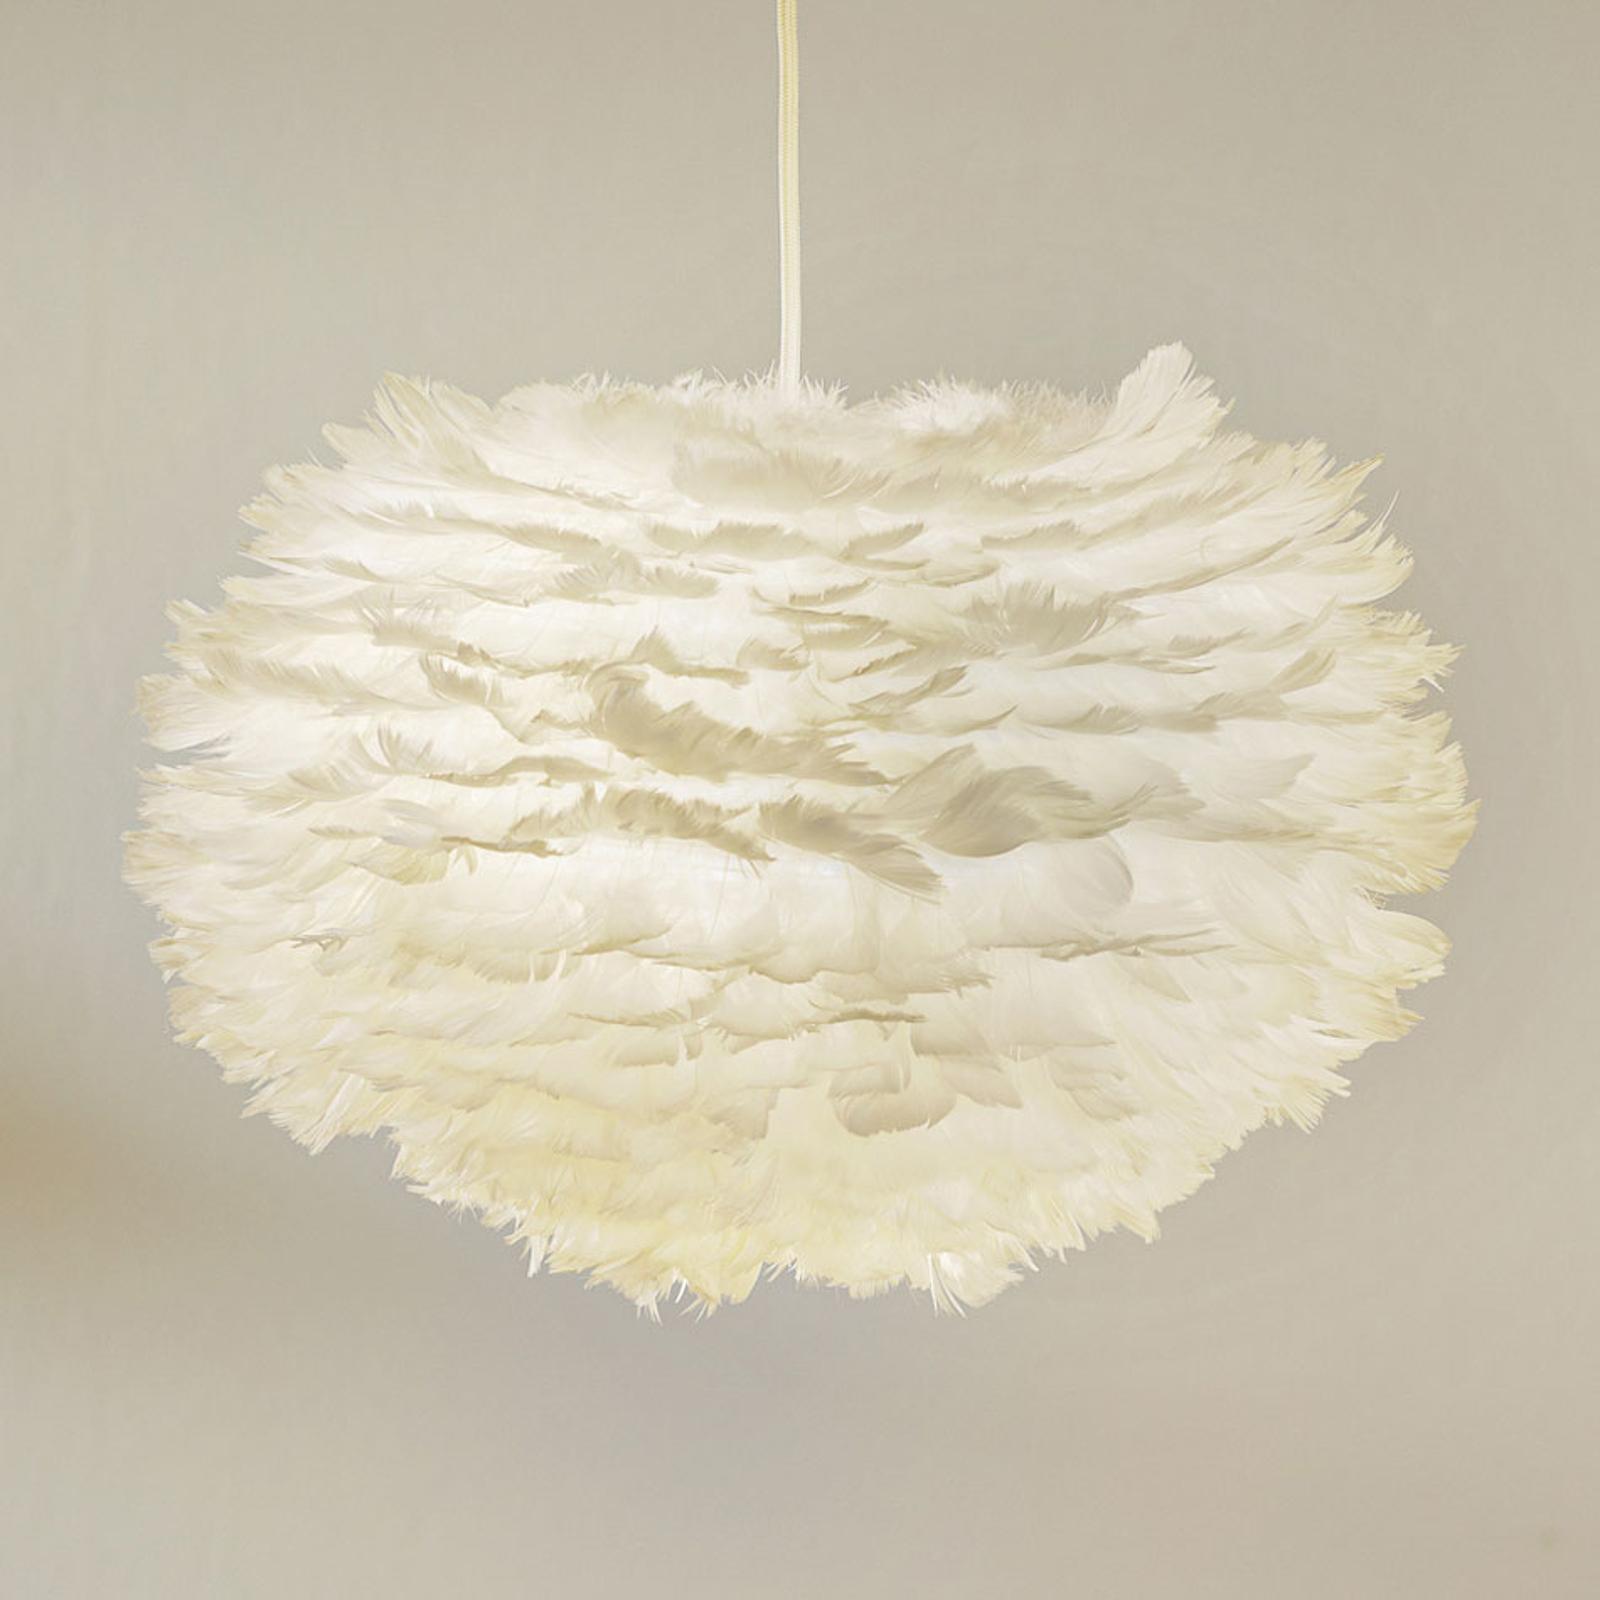 Pendellampa Eos medium av gåsfjädrar, vit